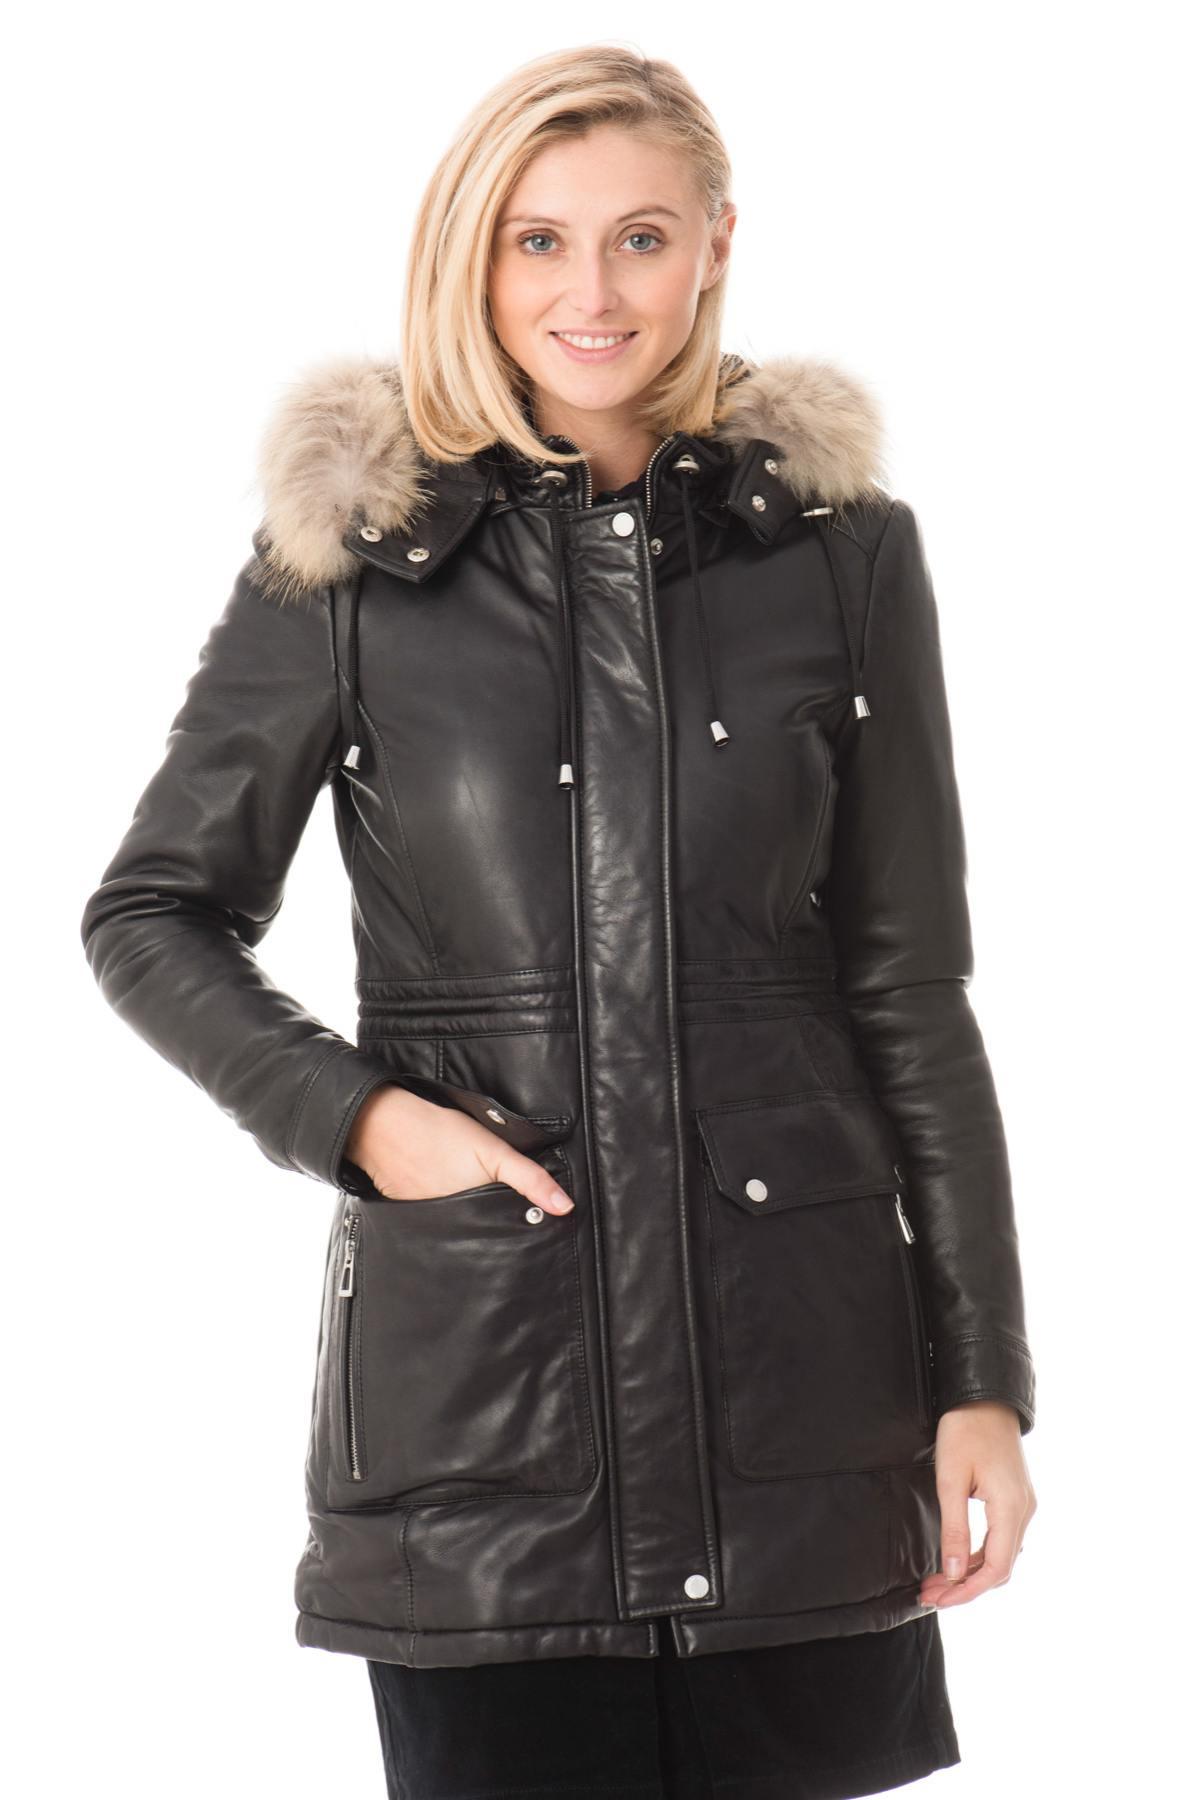 Soldes vestes manteaux femme